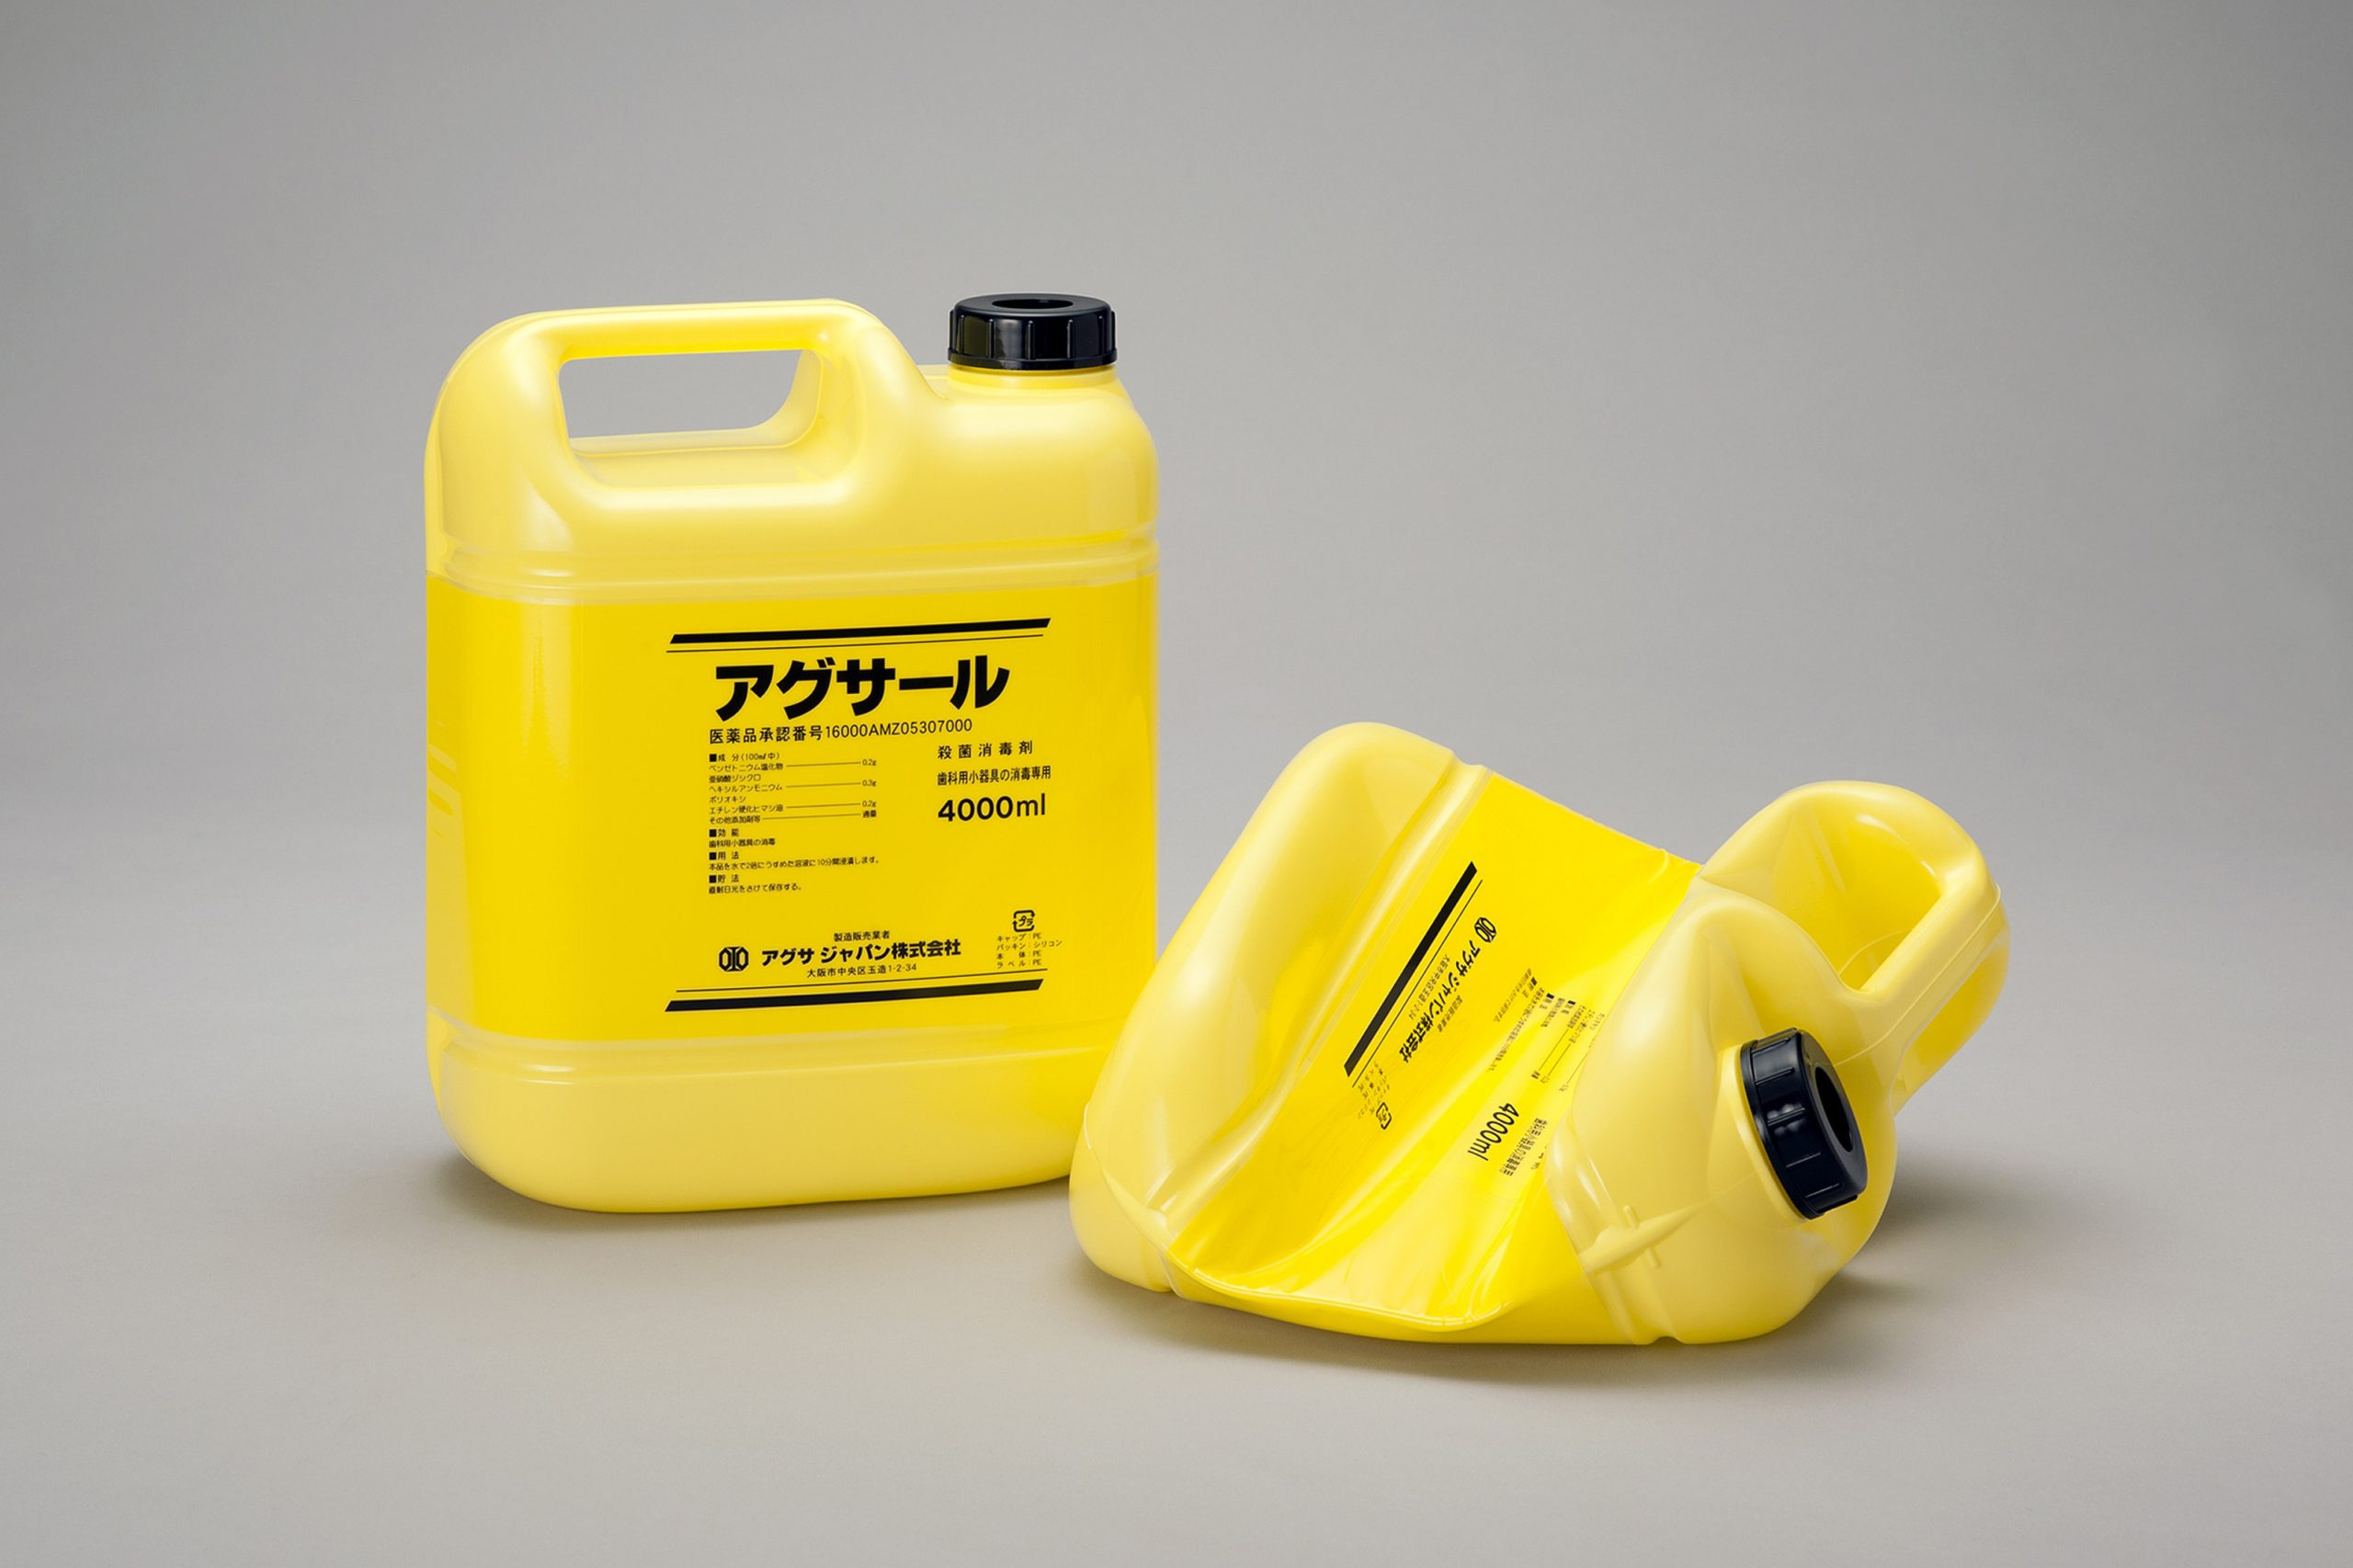 殺菌消毒剤 アグサールの写真